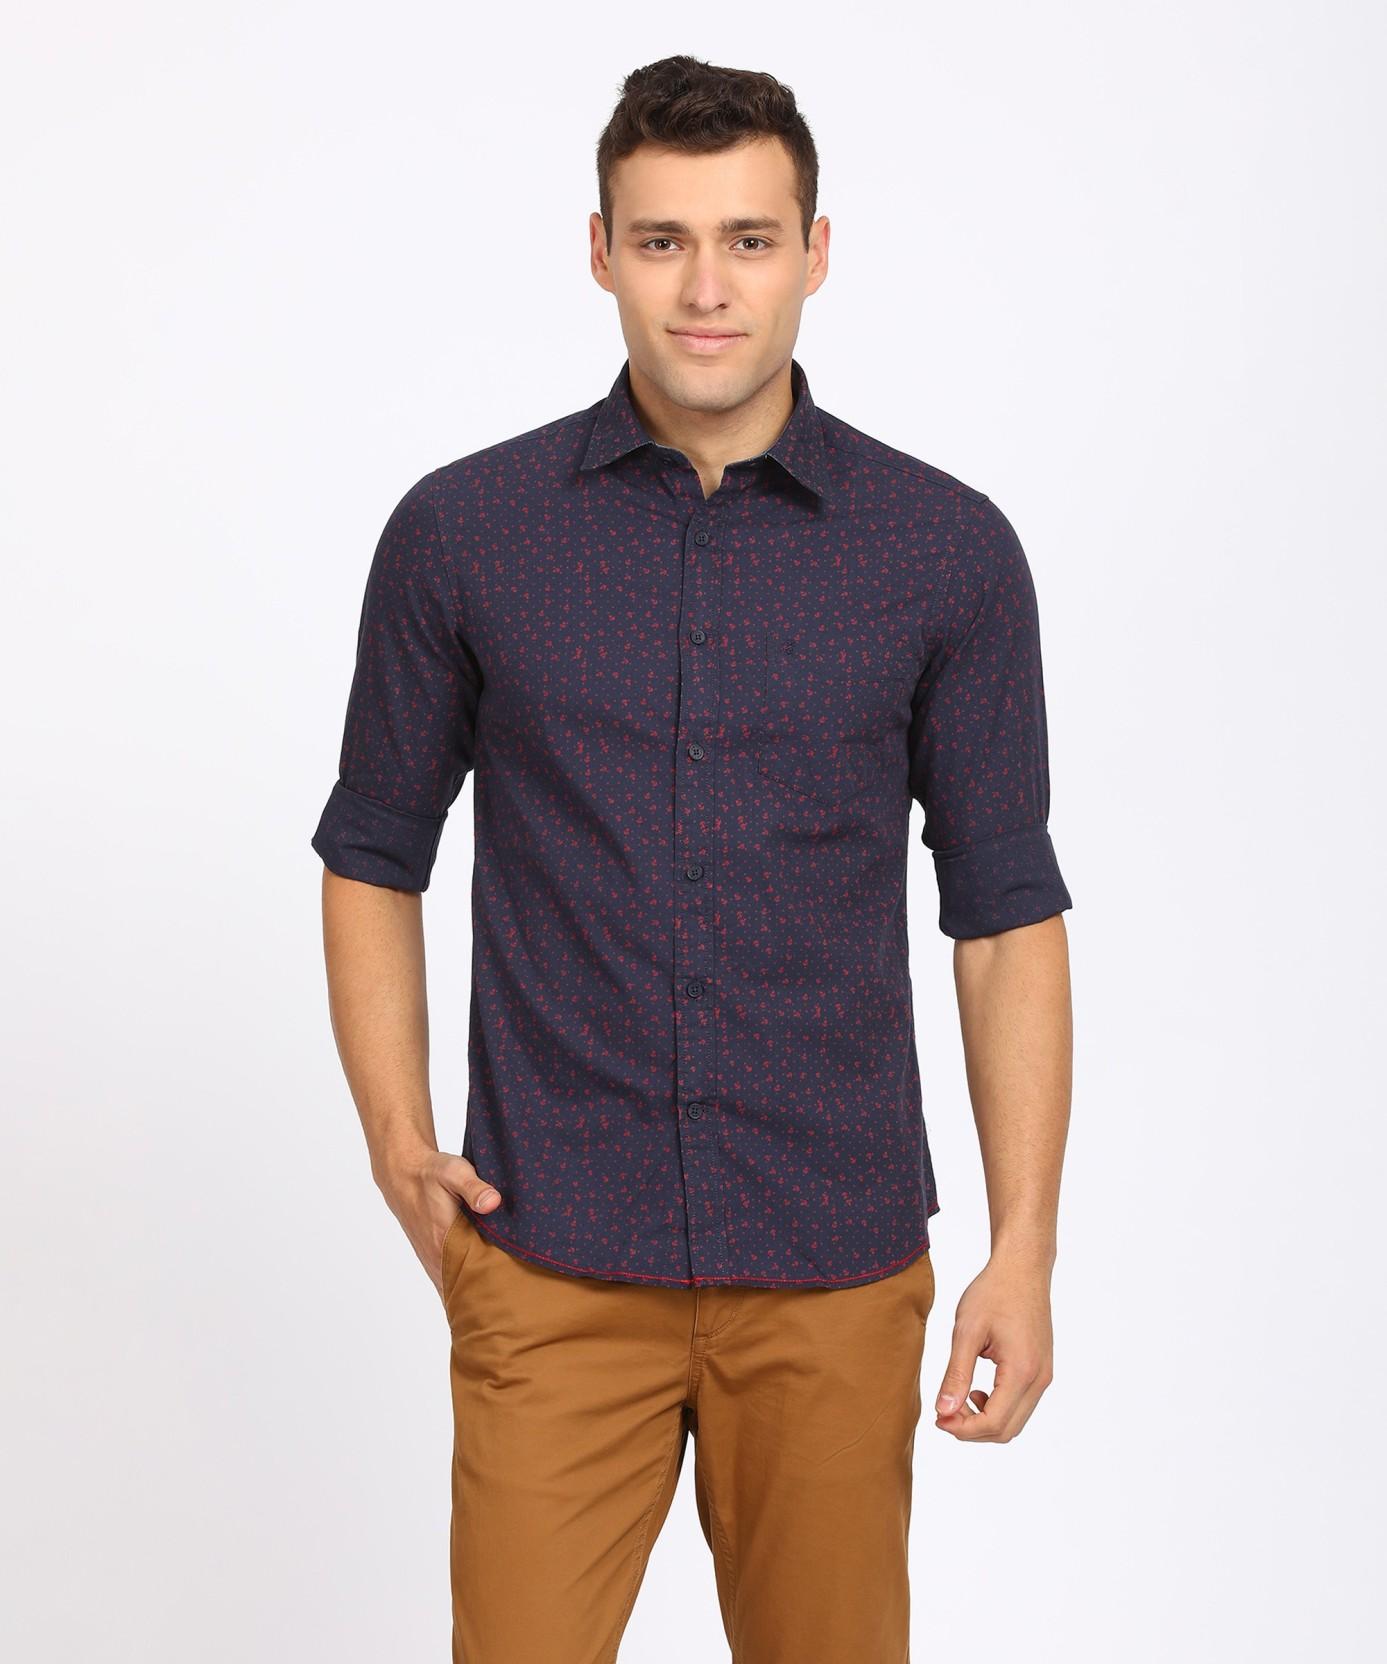 Izod Men Printed Casual Dark Blue Shirt Buy Izod Men Printed